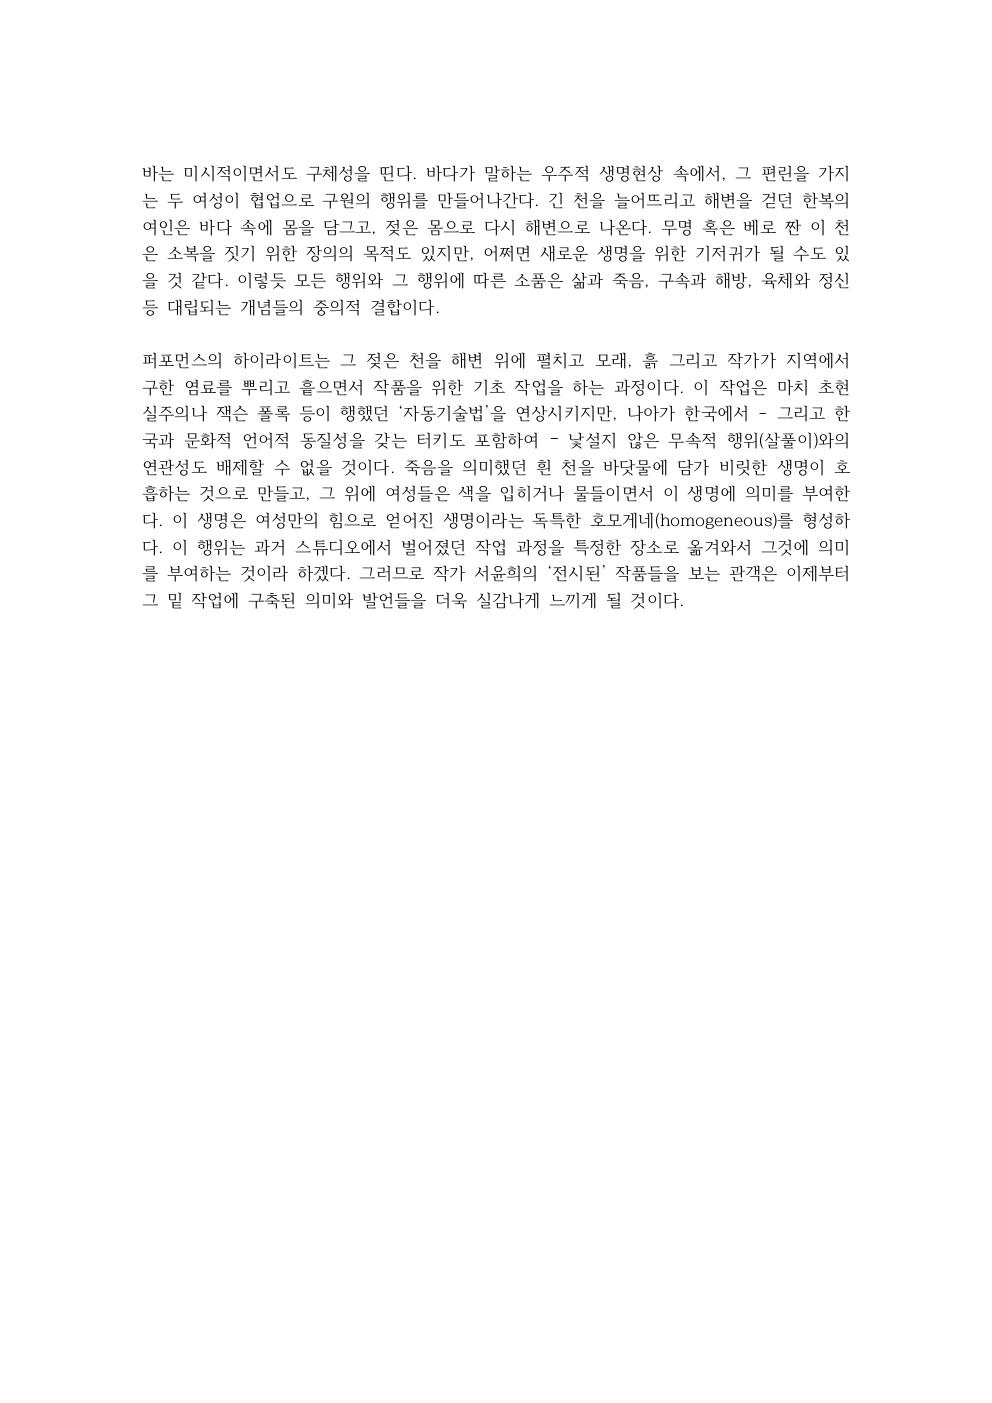 김정락 평론글-서윤희 작가002.jpg